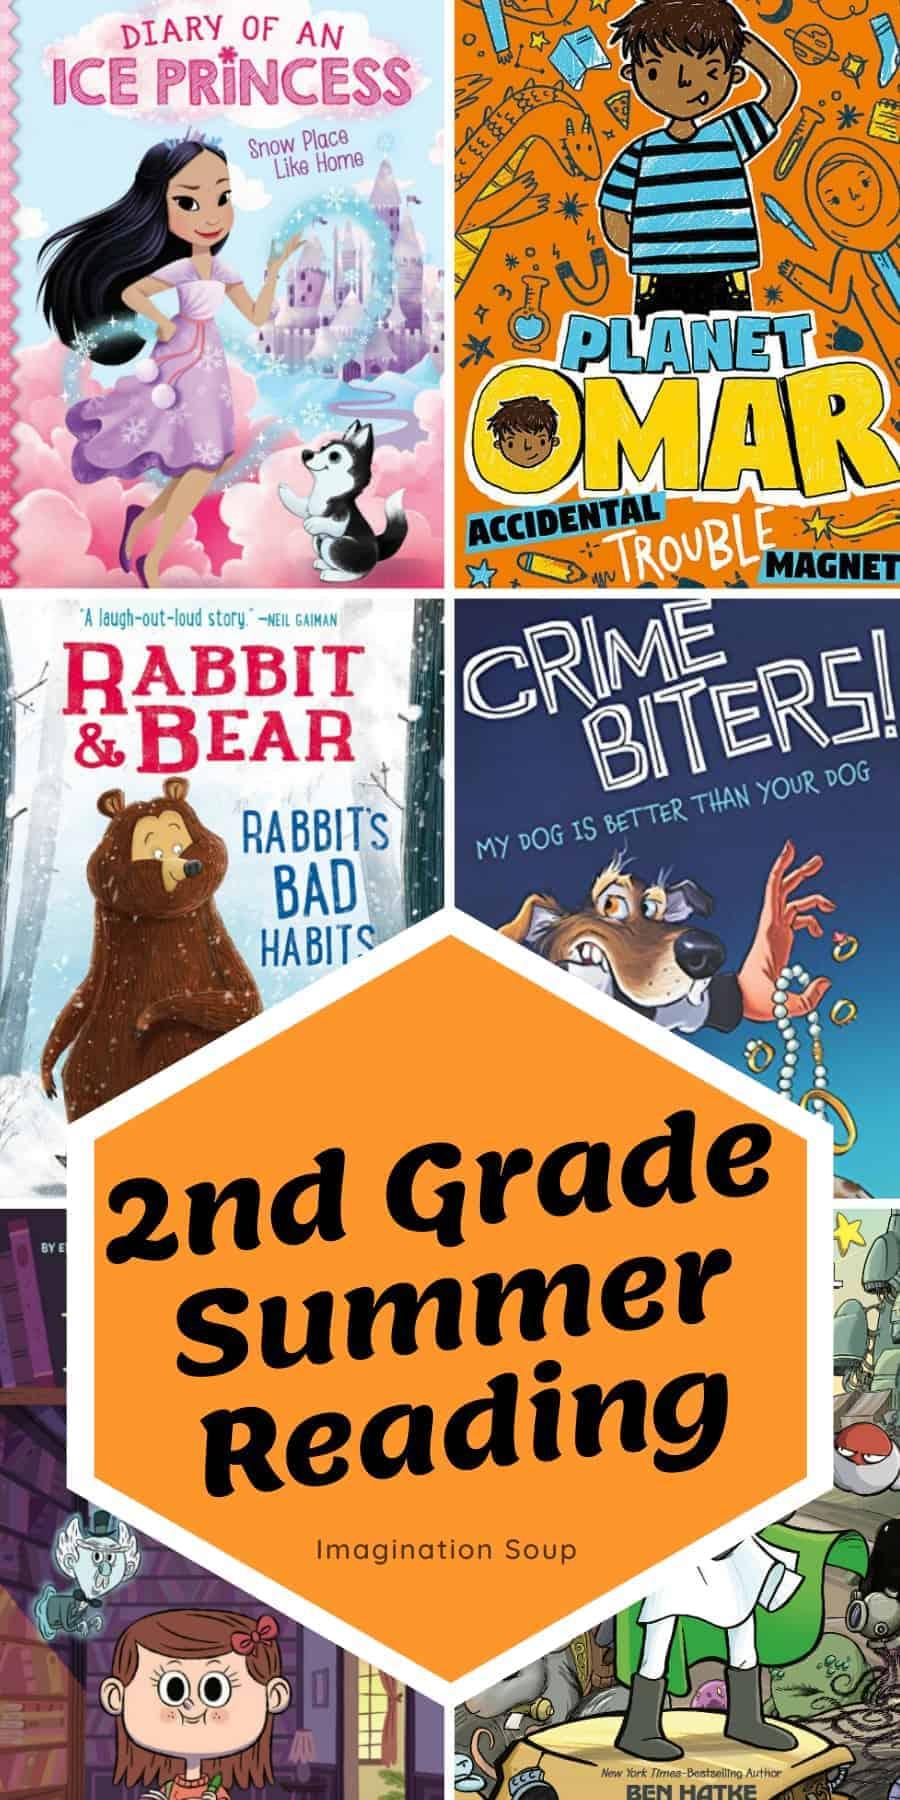 2nd grade summer reading book list